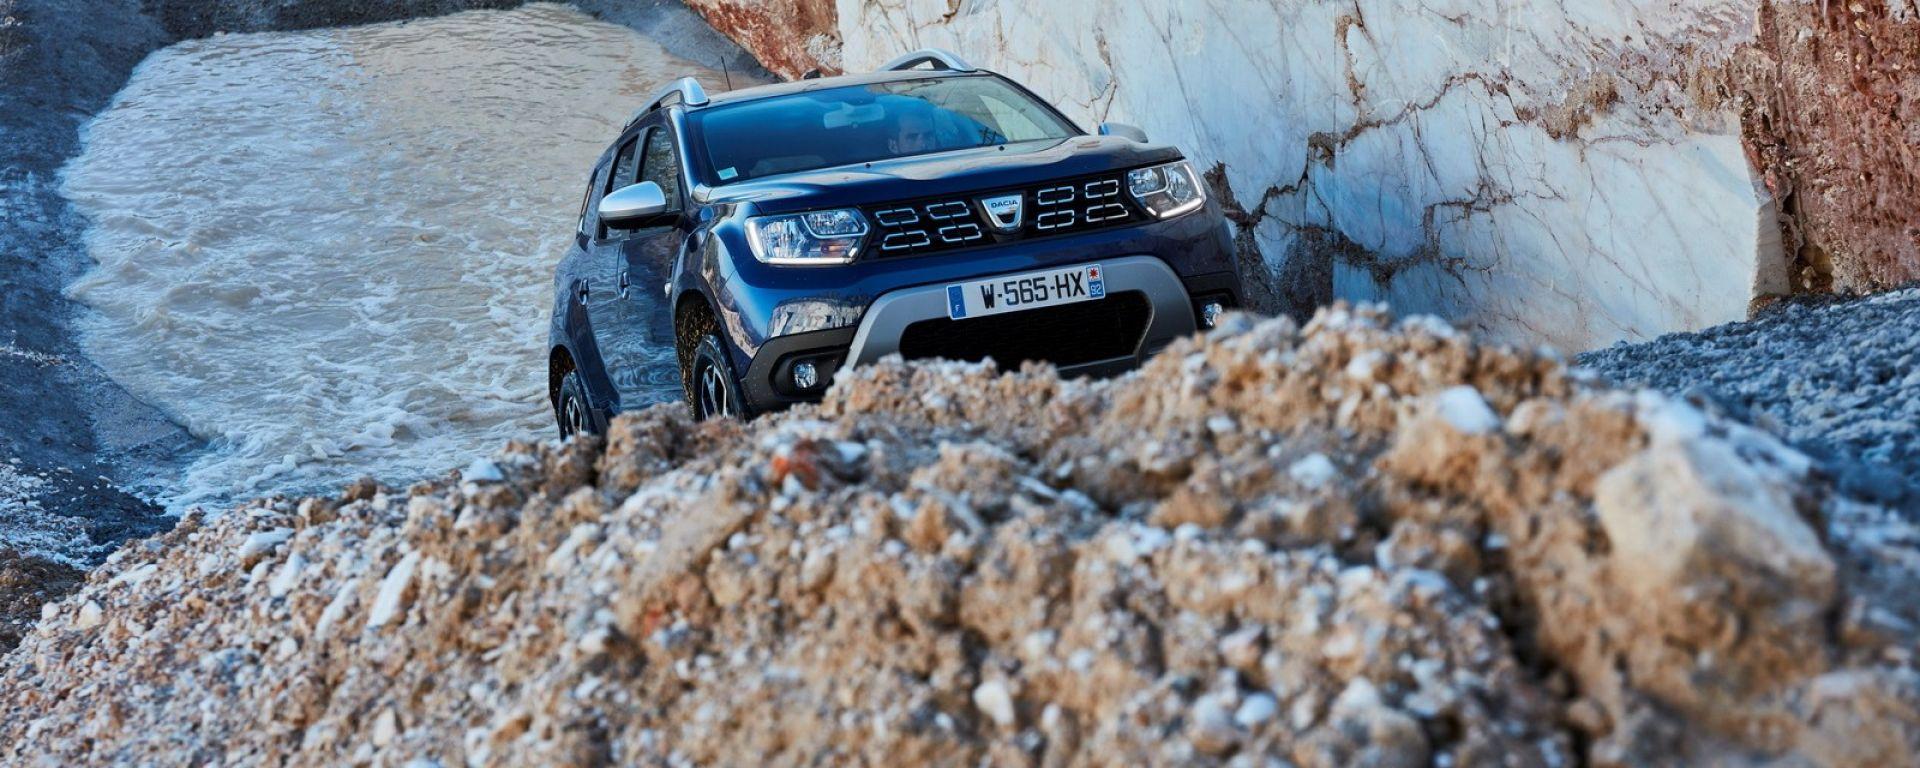 Nuova Dacia Duster 2018: foto, video e caratteristiche